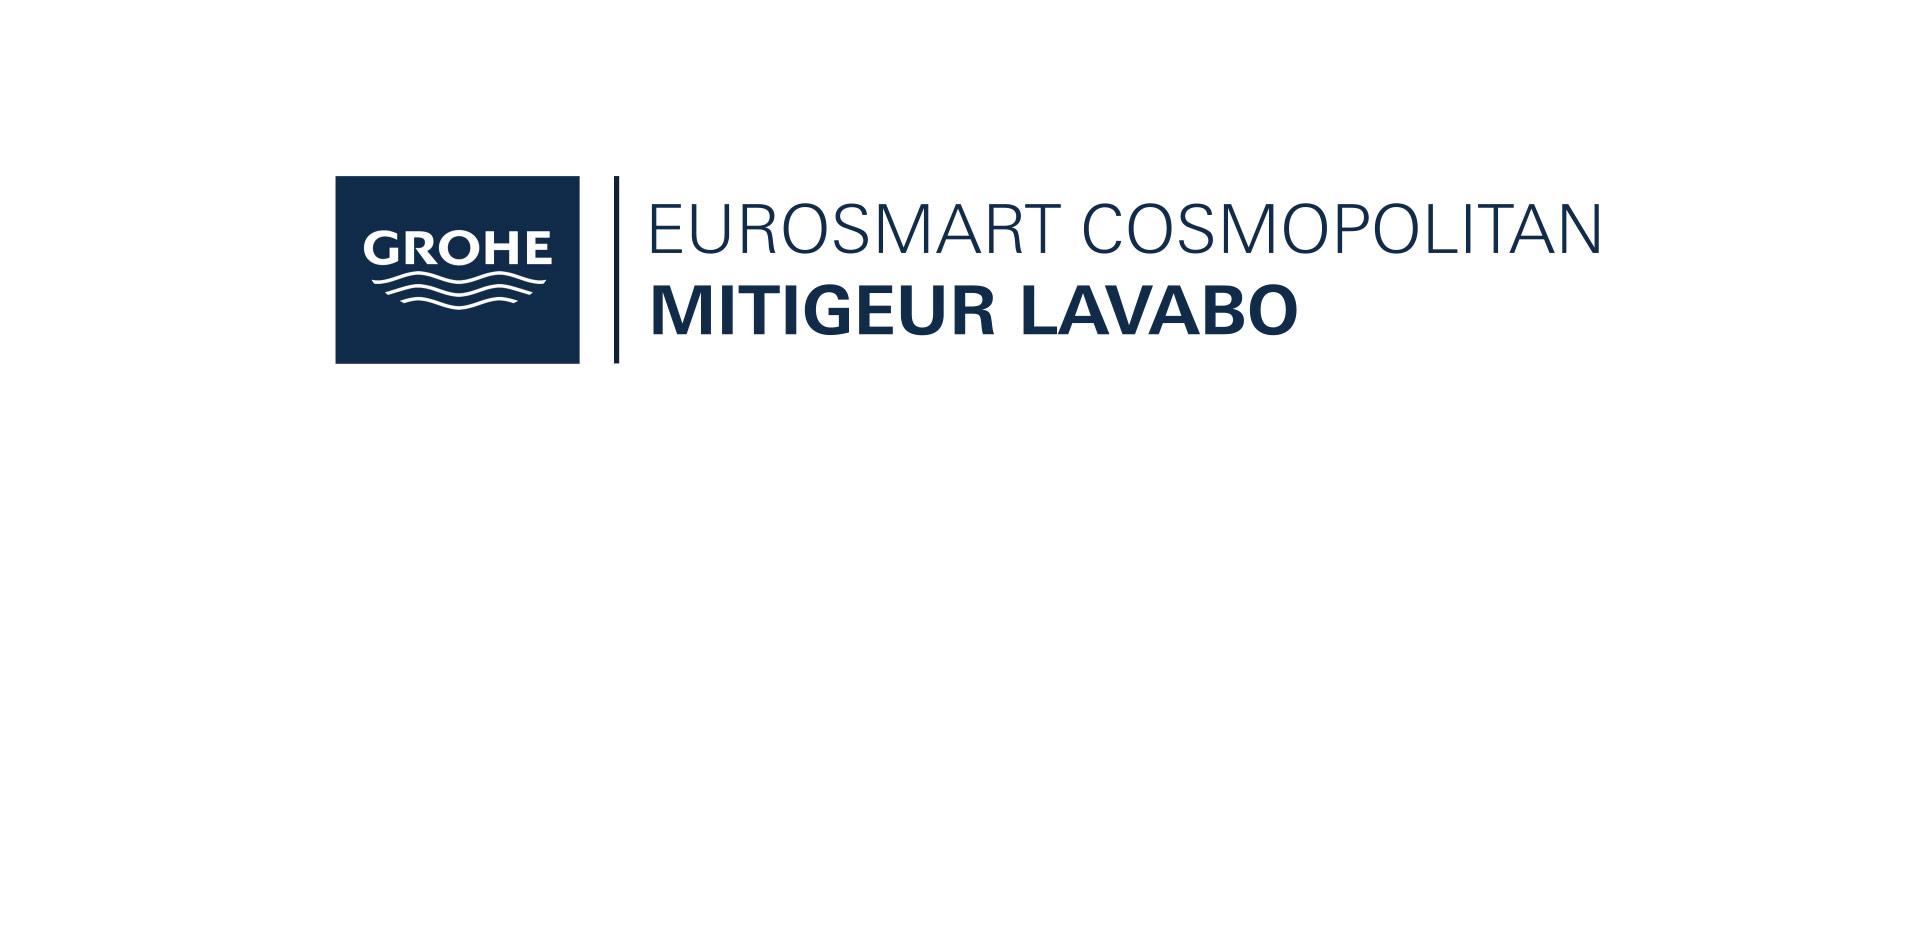 Mitigeur Lavabo Taille M Eurosmart Cosmopolitan Chromé de Grohe